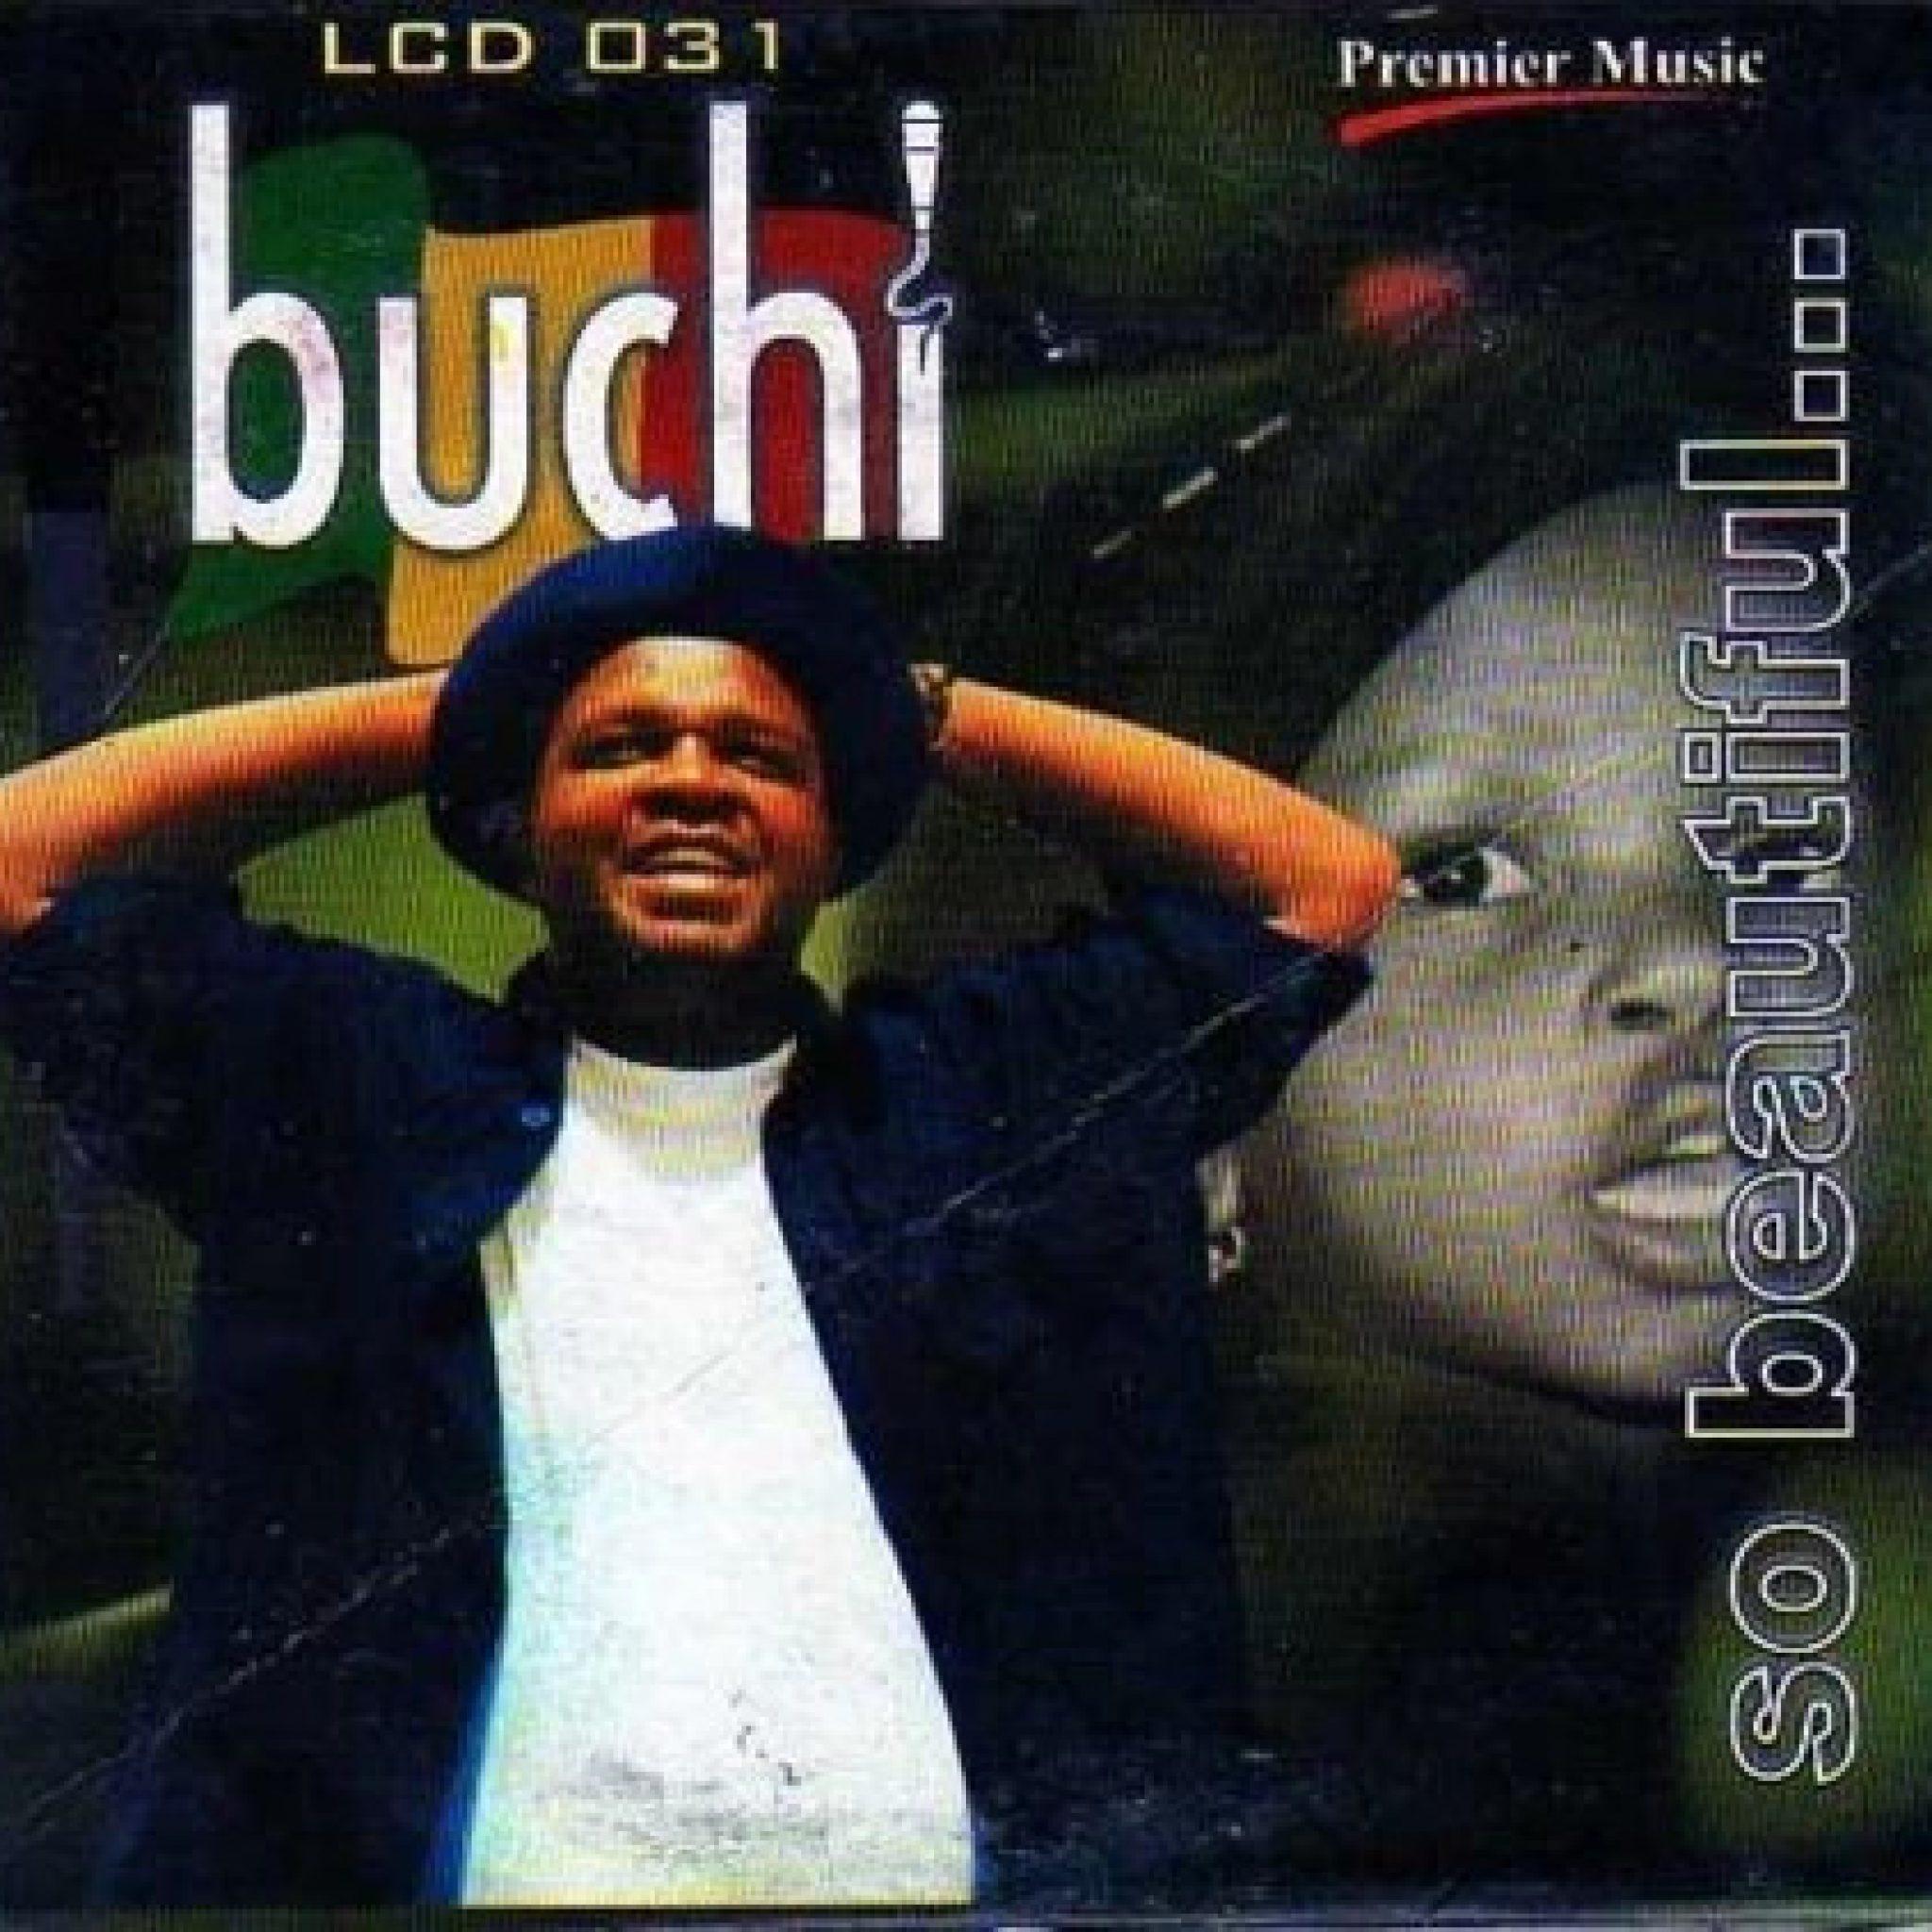 Buchi so beautiful